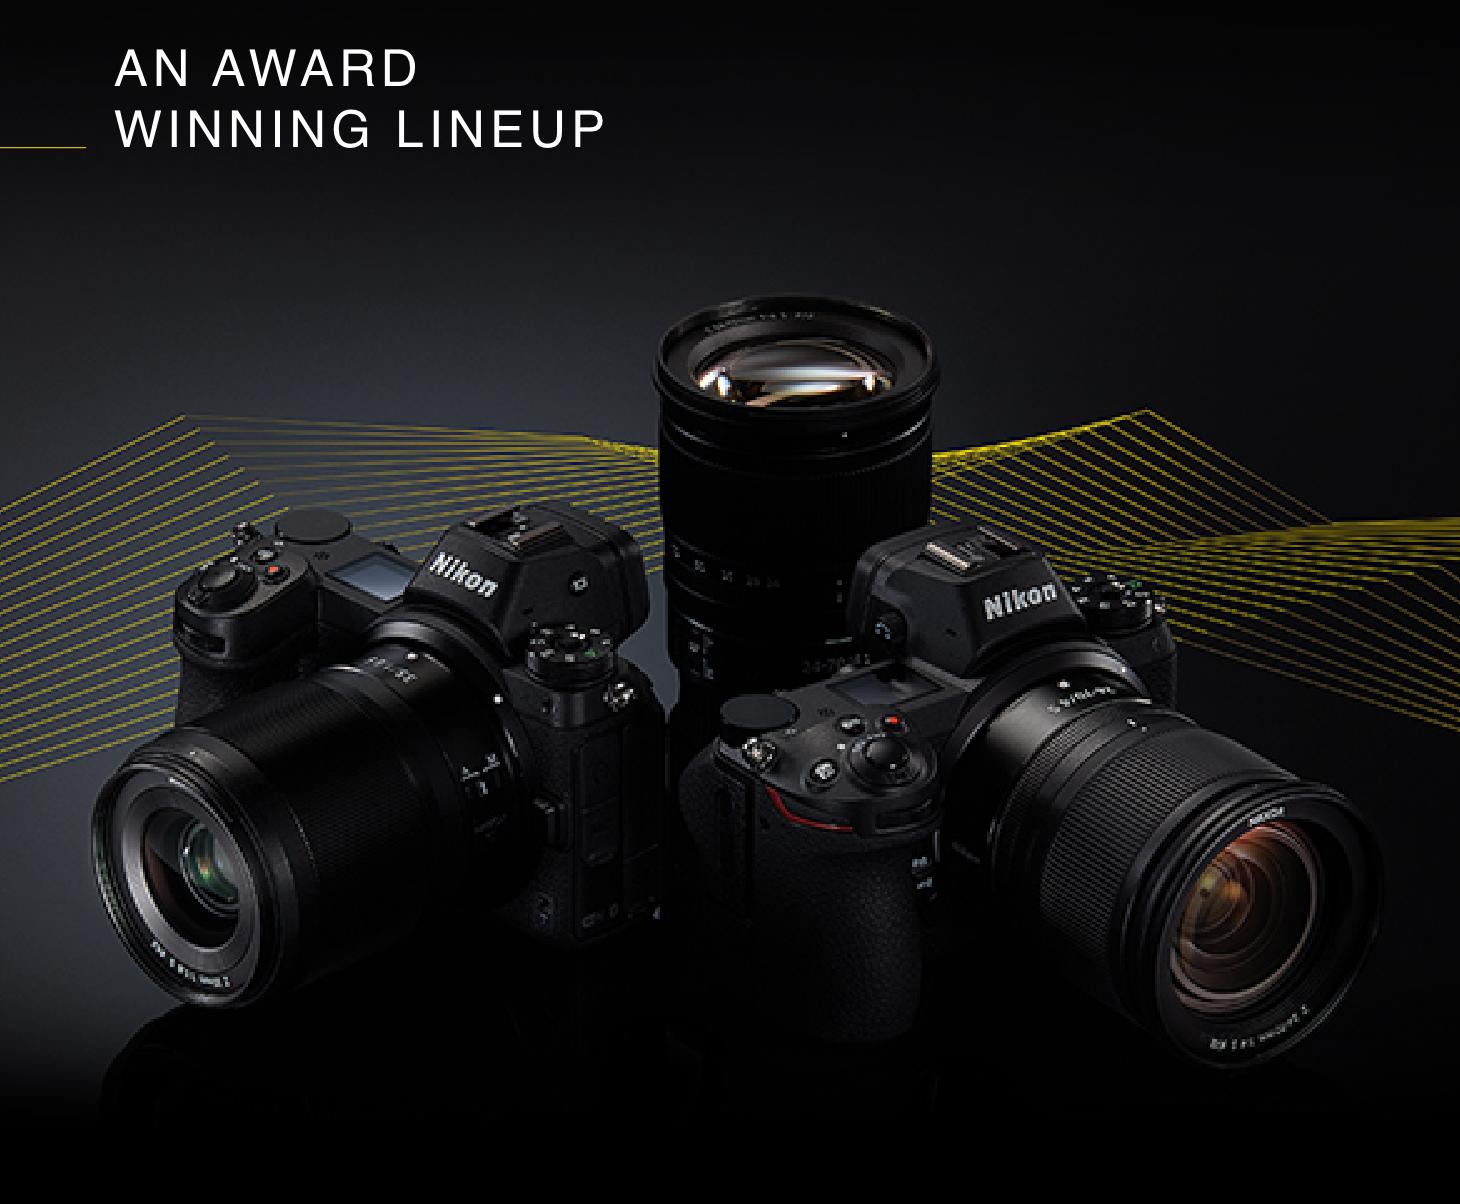 Award Winning Lineup